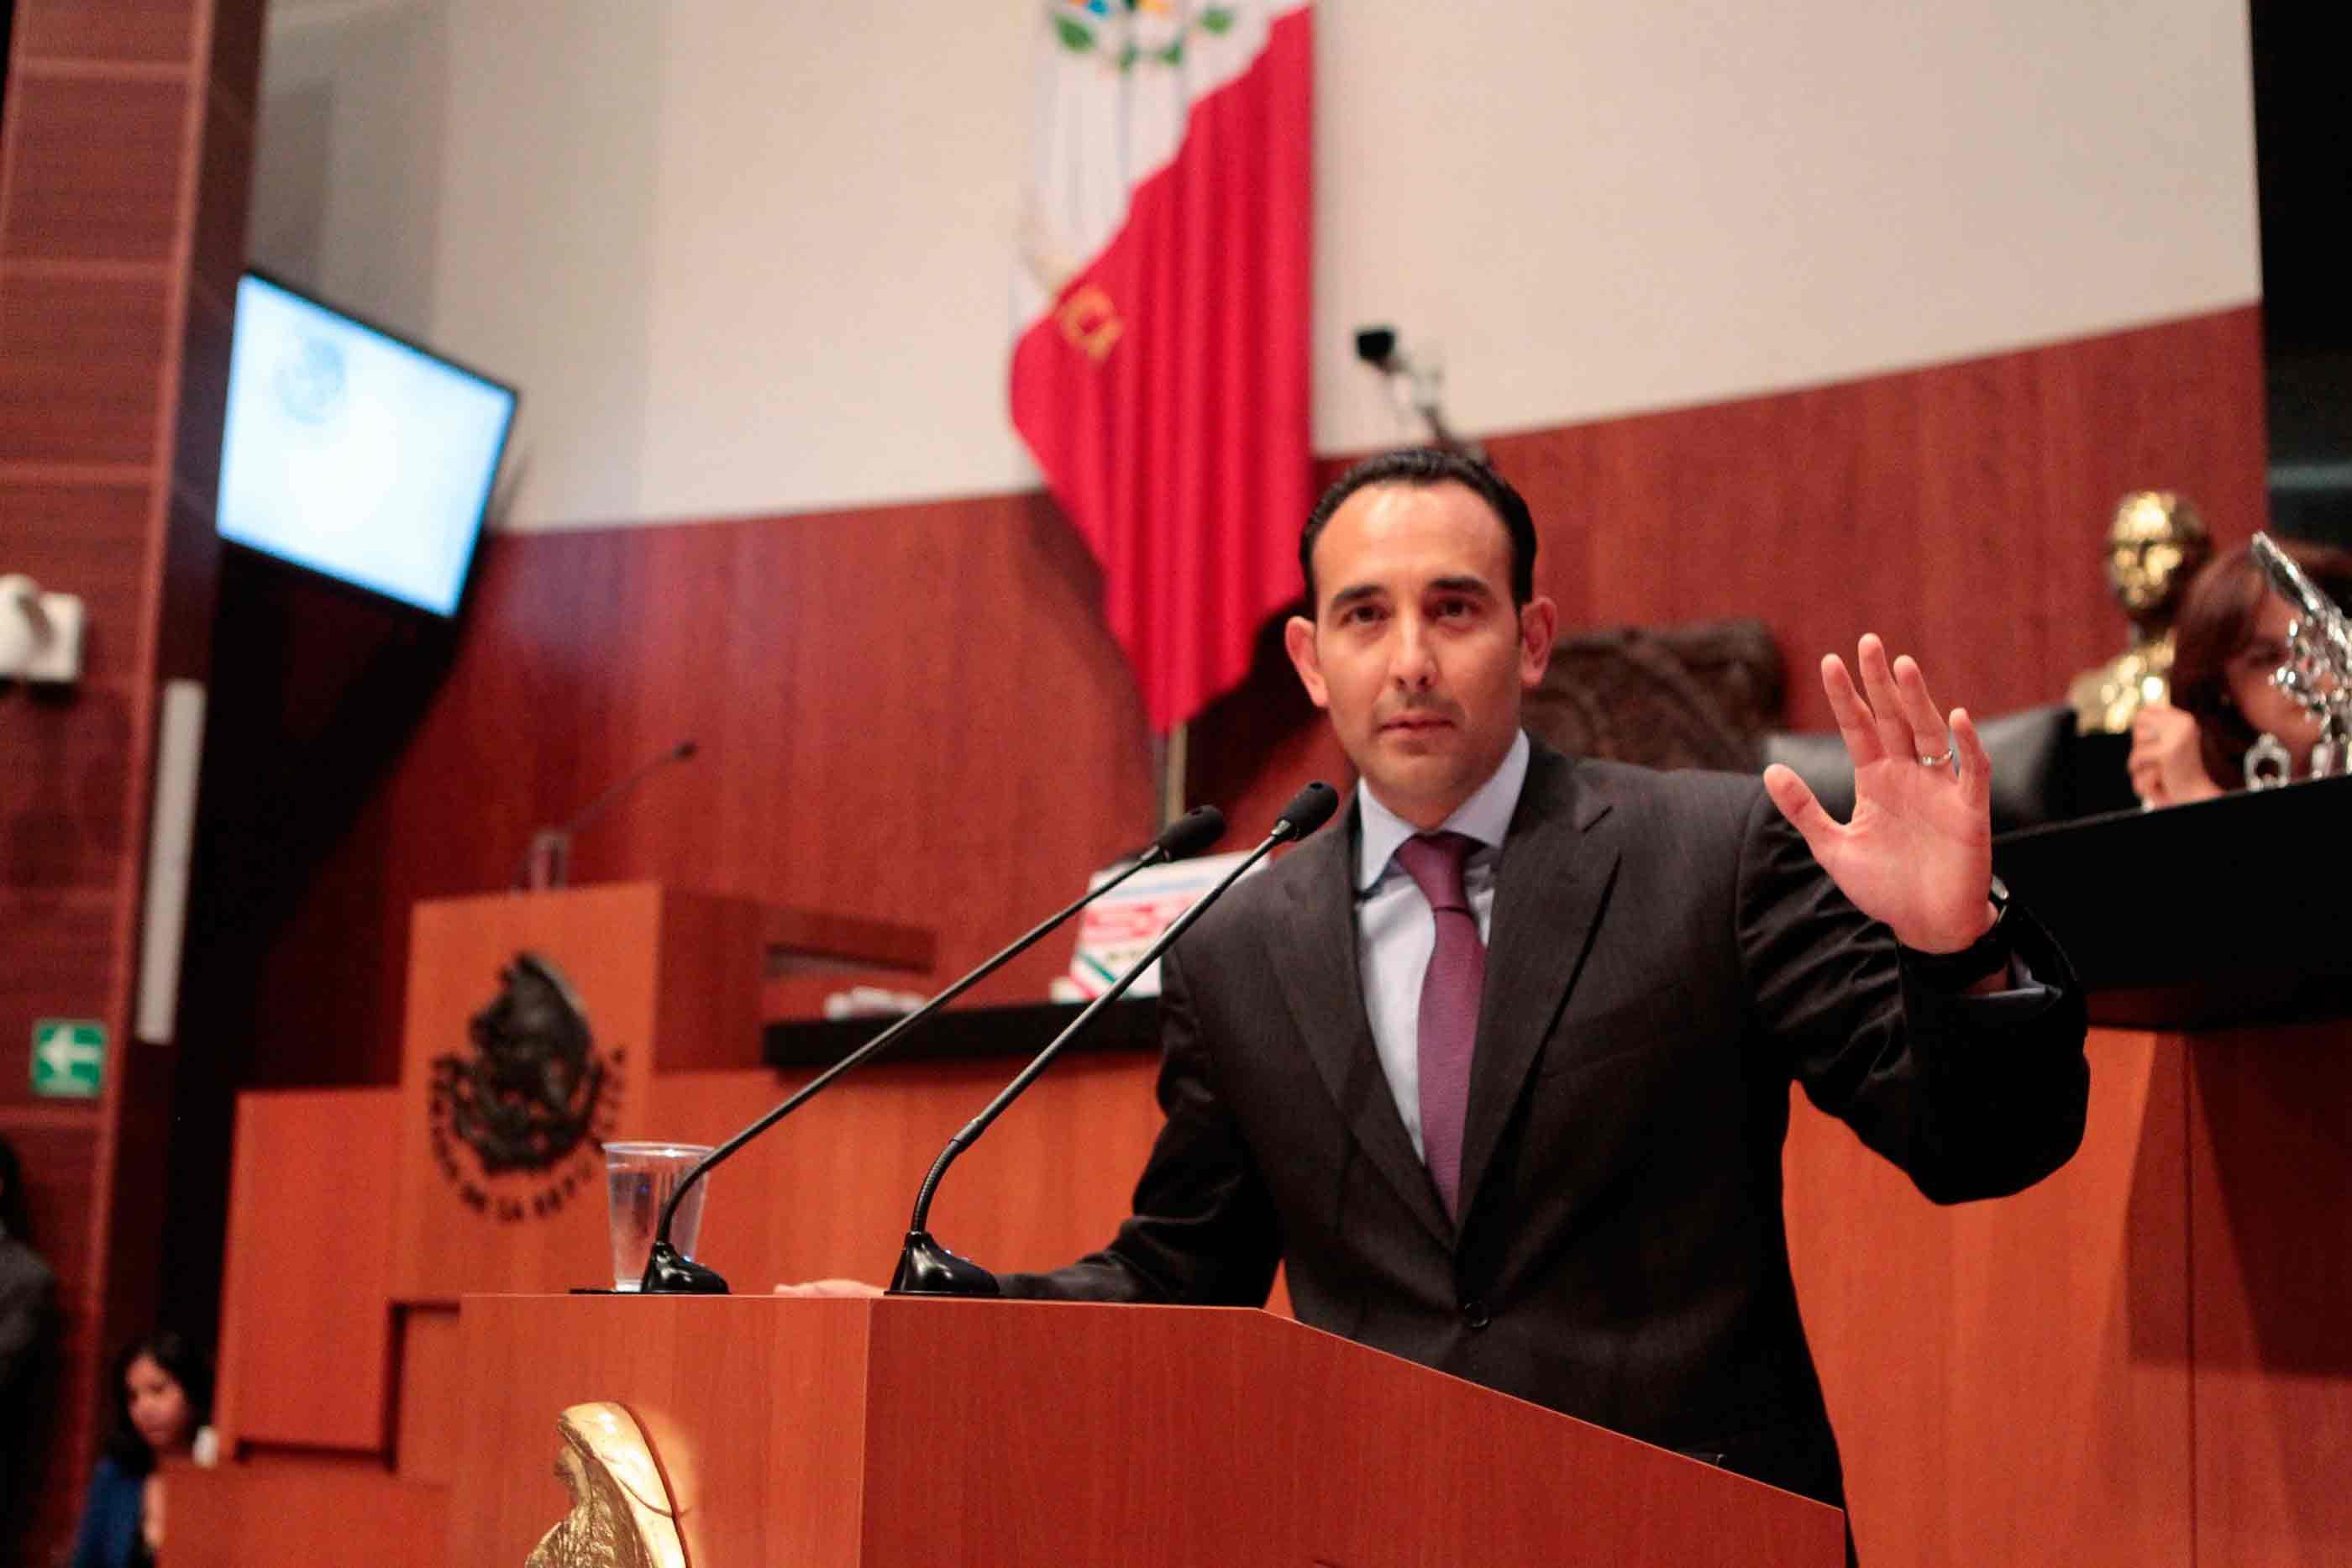 Senado otorga licencia a Gil Zuarth para separarse de su cargo